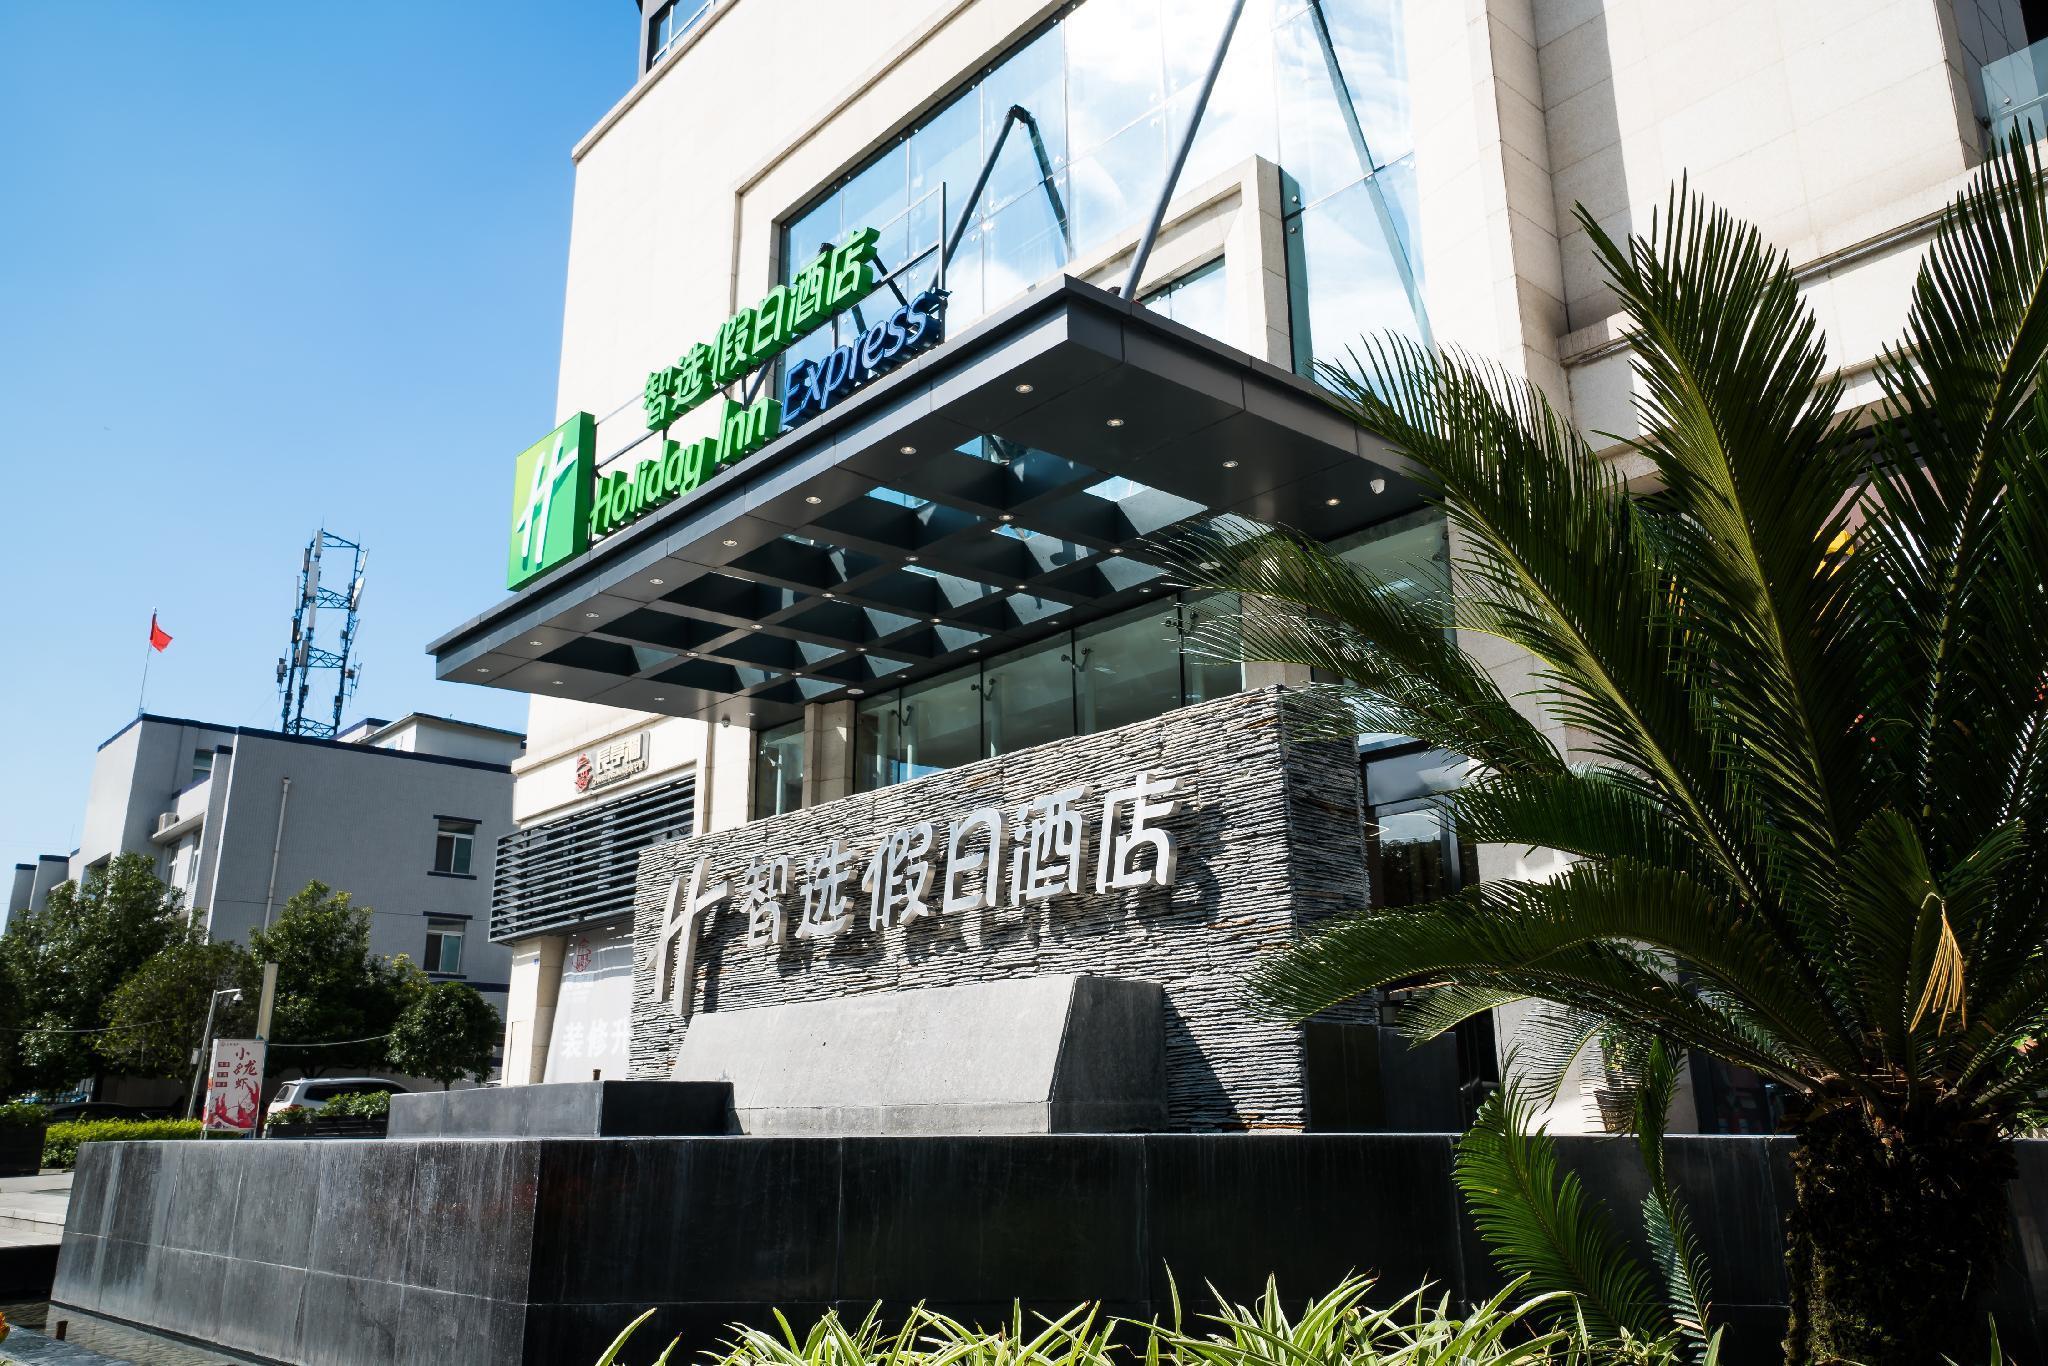 Holiday Inn Express Chengdu Xindu